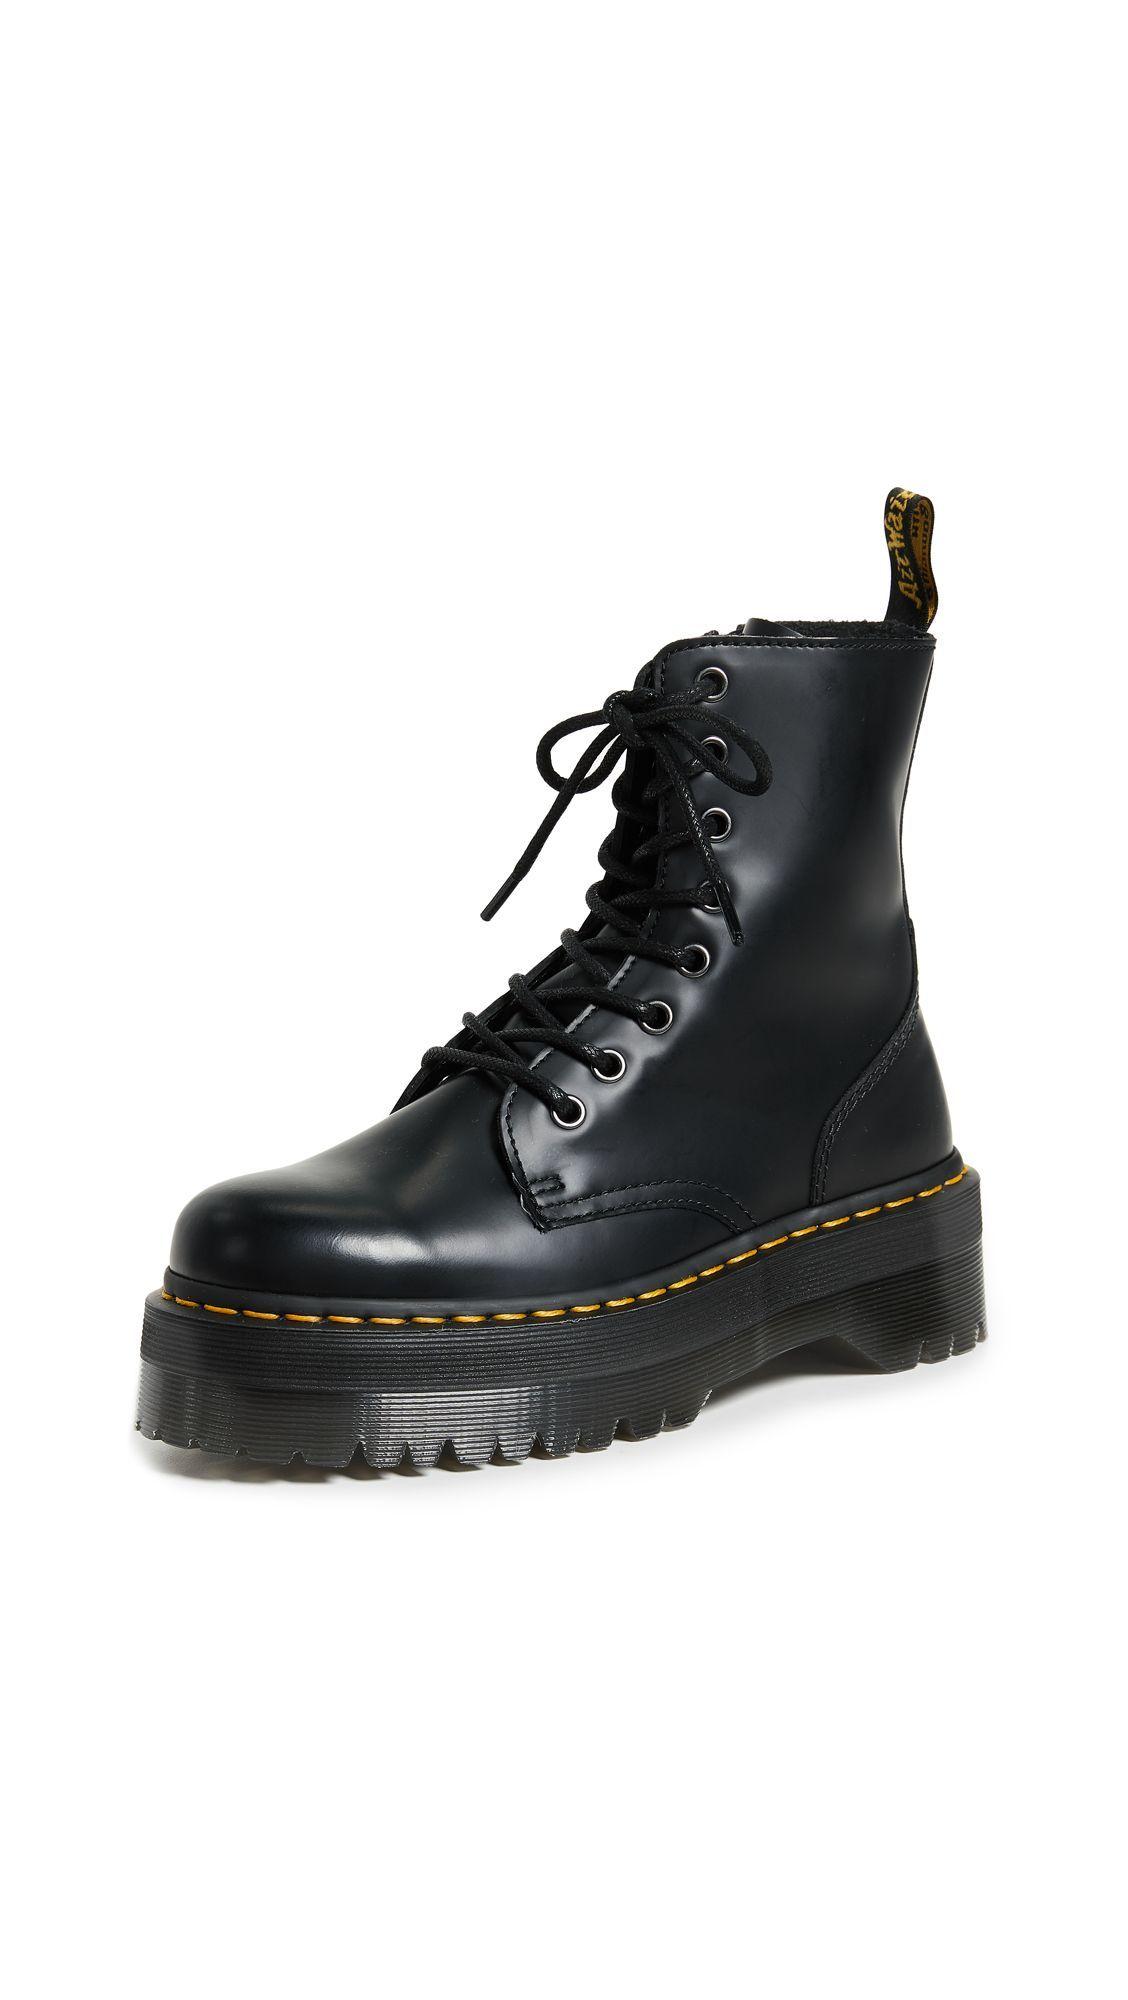 Women's Shoes : Neue Männer Stiefel Winter mit Pelz 2019